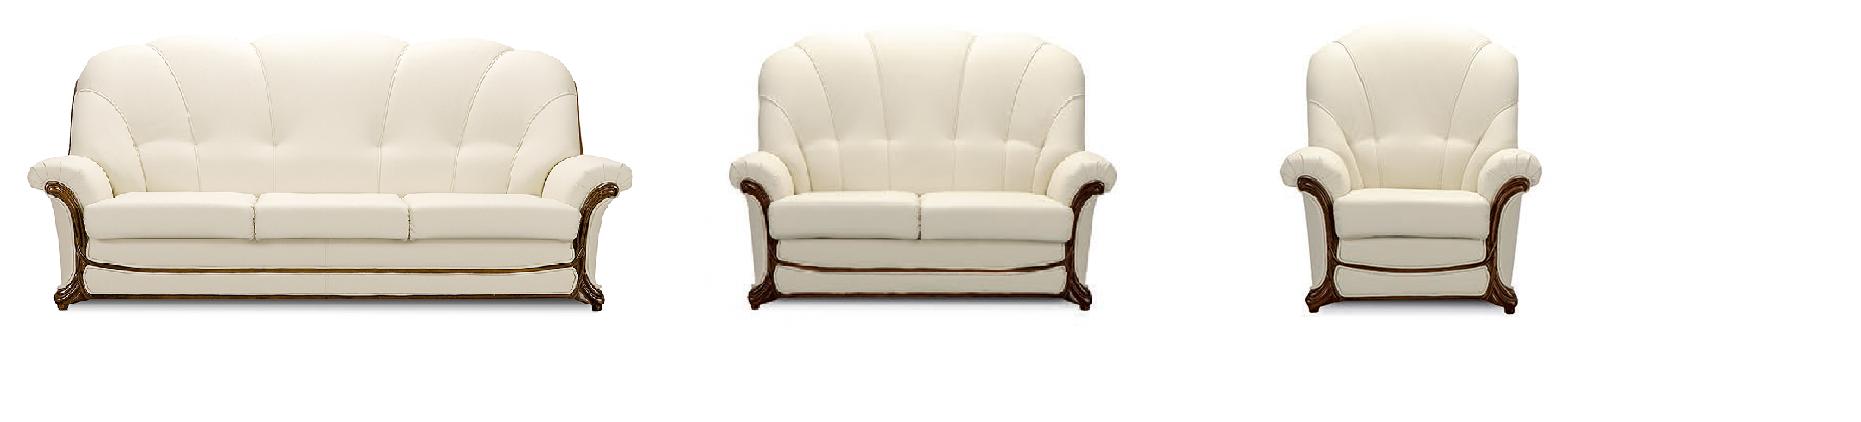 biela štýlová rustikálna sedacia súprava Georgia